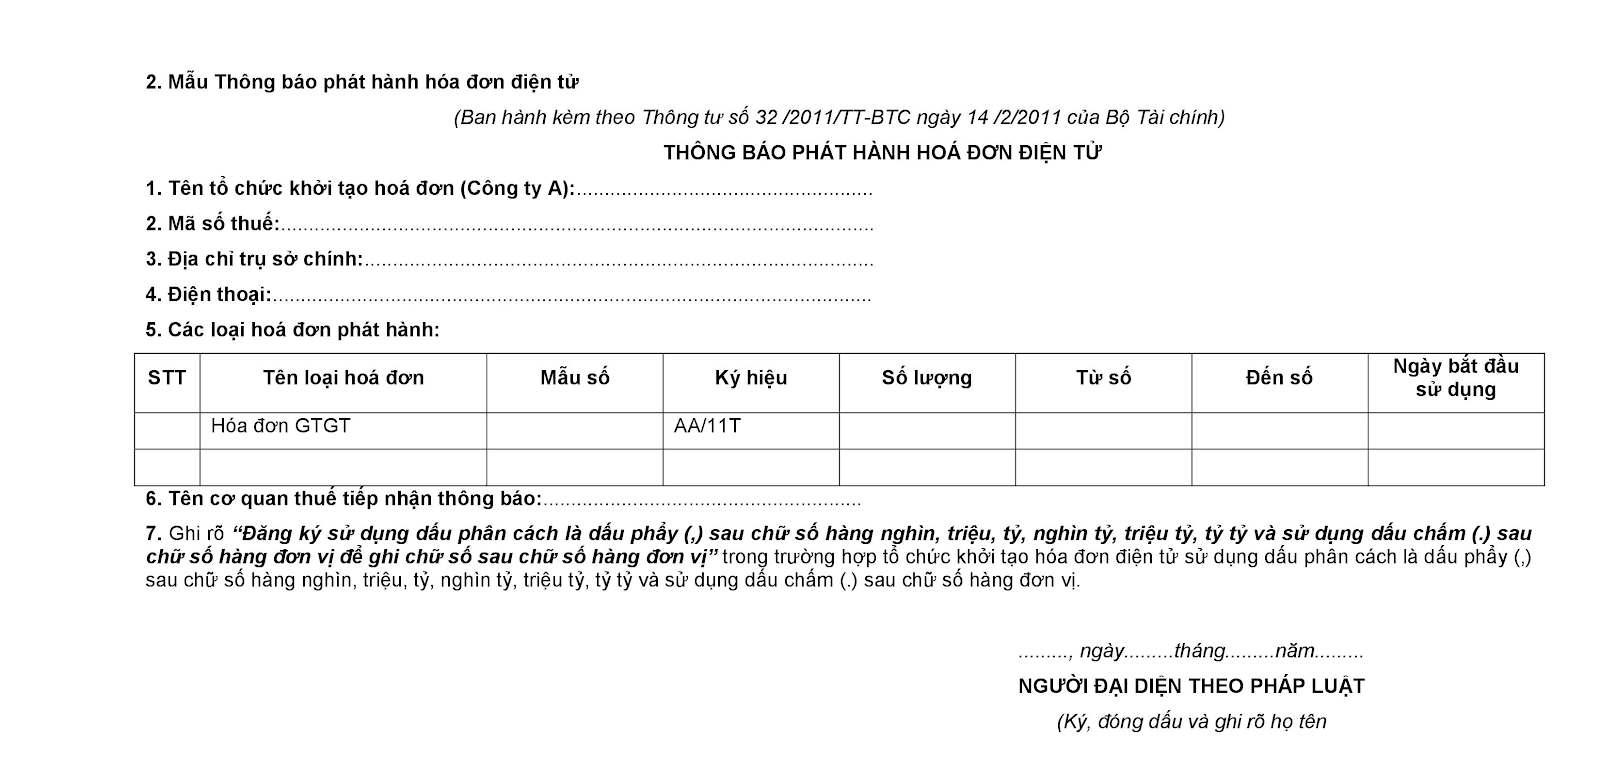 Thông báo phát hành hoá đơn điện tử theo Mẫu